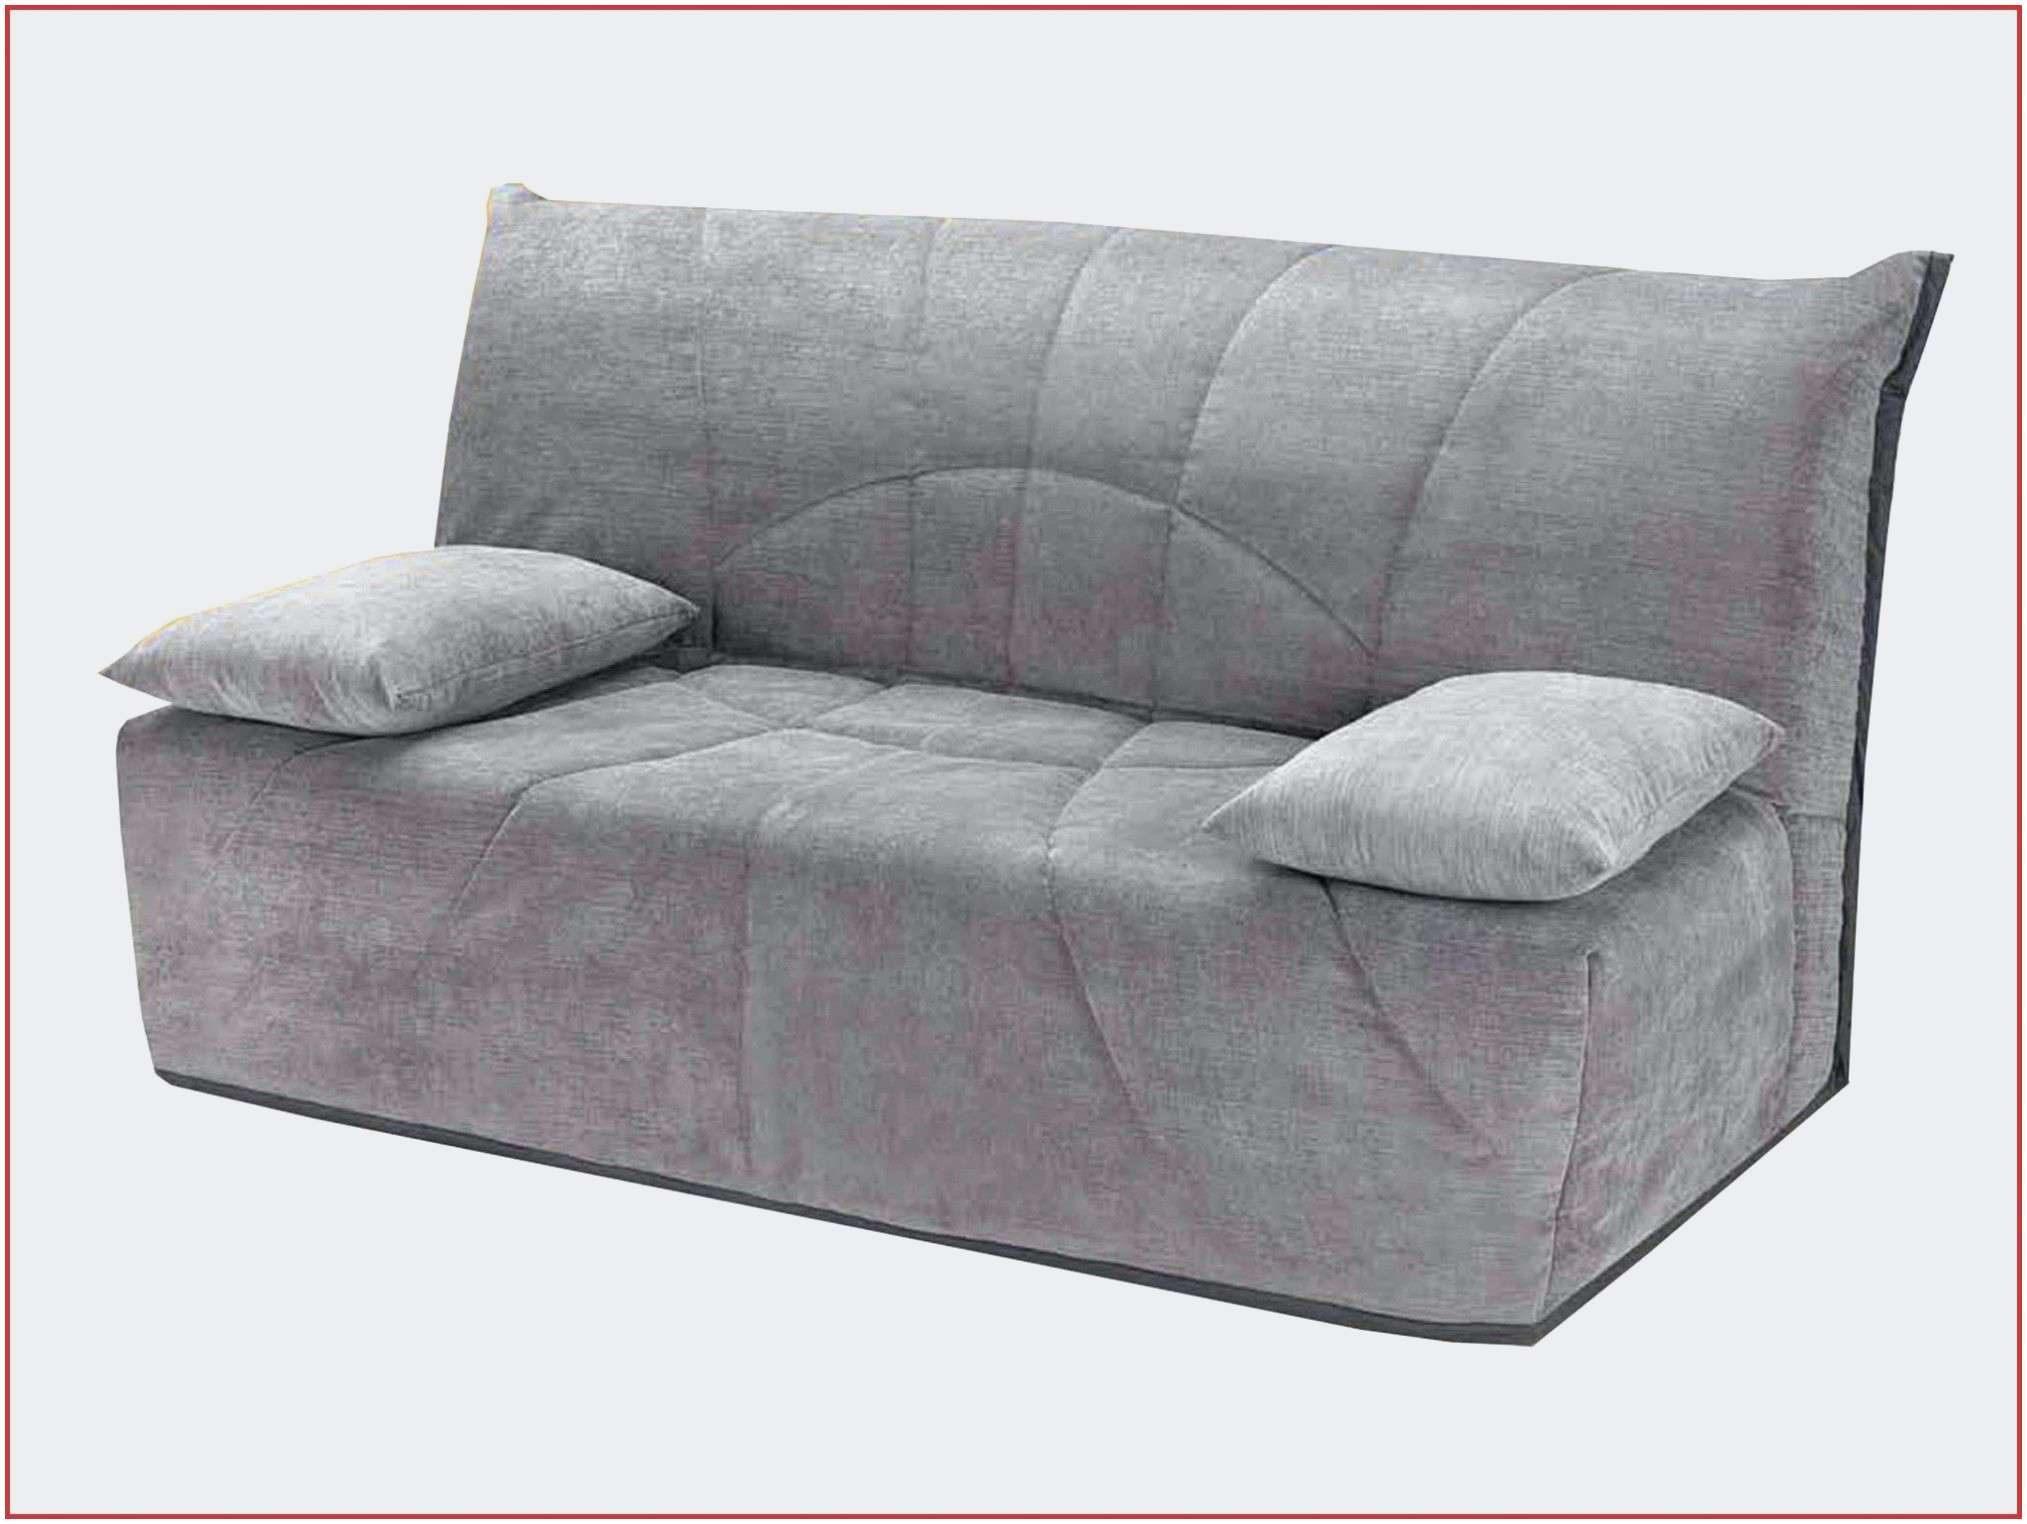 Canapé Lit Convertible Ikea Inspiré Nouveau Luxury Canapé Lit Matelas Pour Choix Canapé Convertible 2